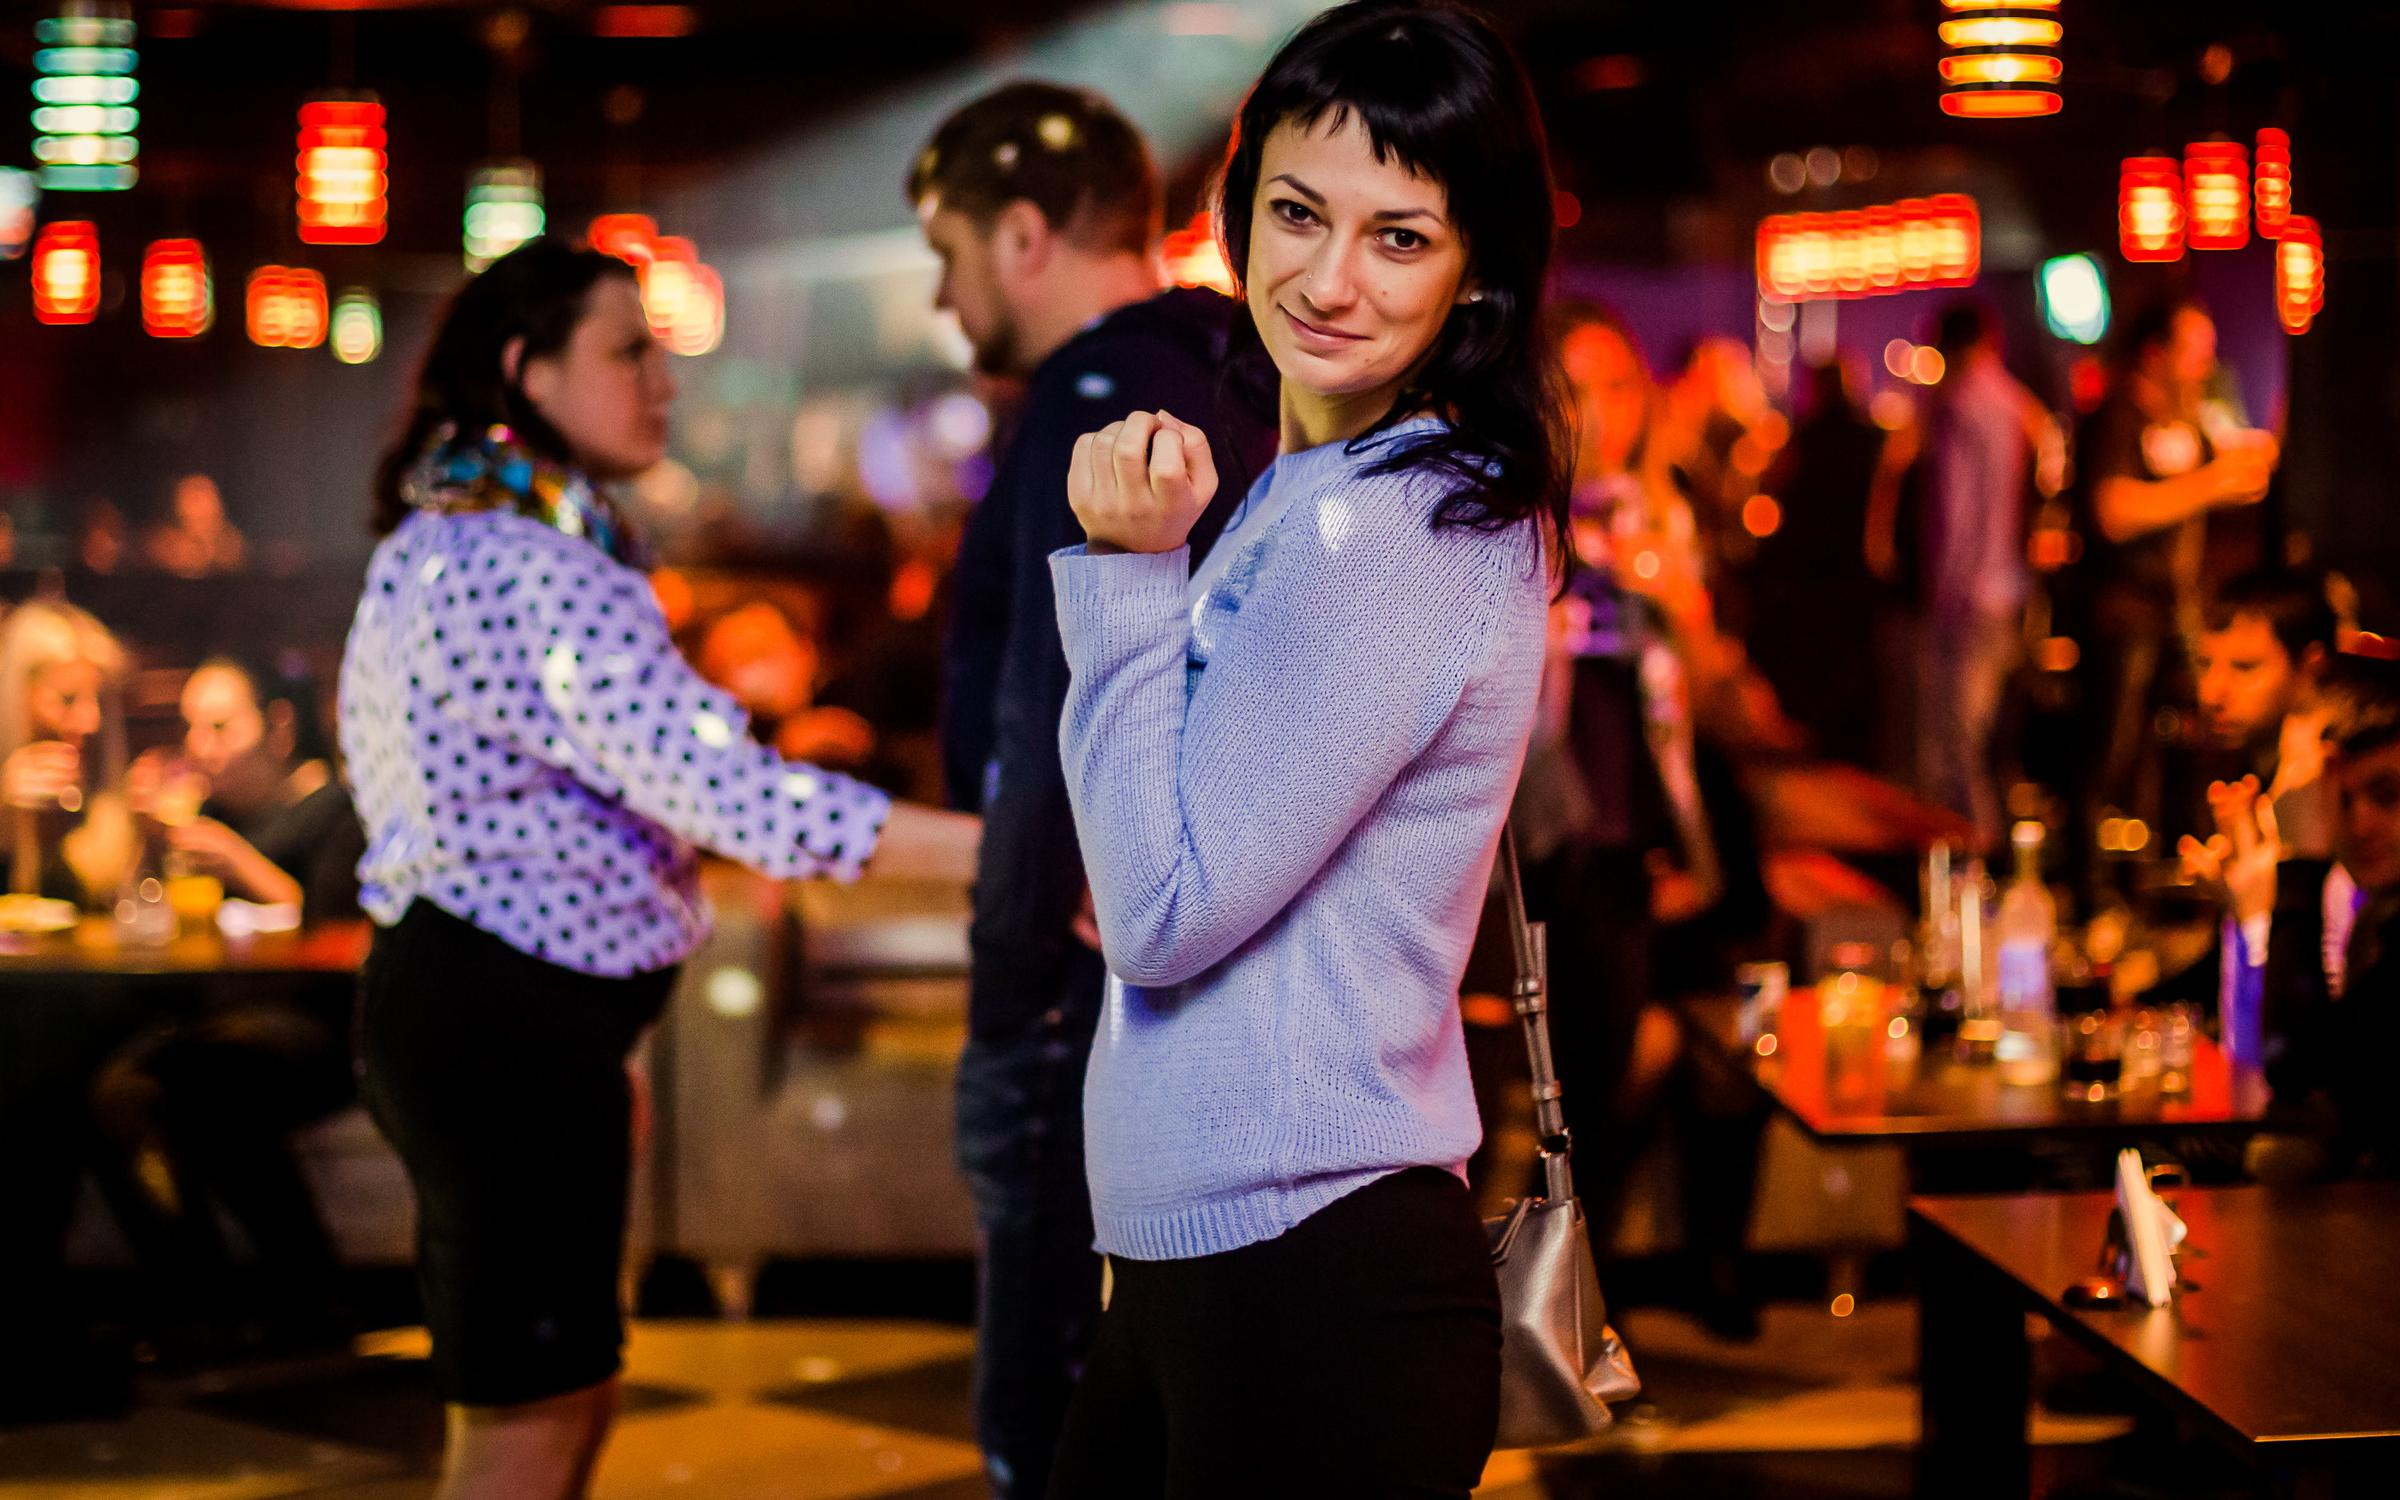 Работа в ночном клубе отзывы сотрудников ночные клубы москва таганка